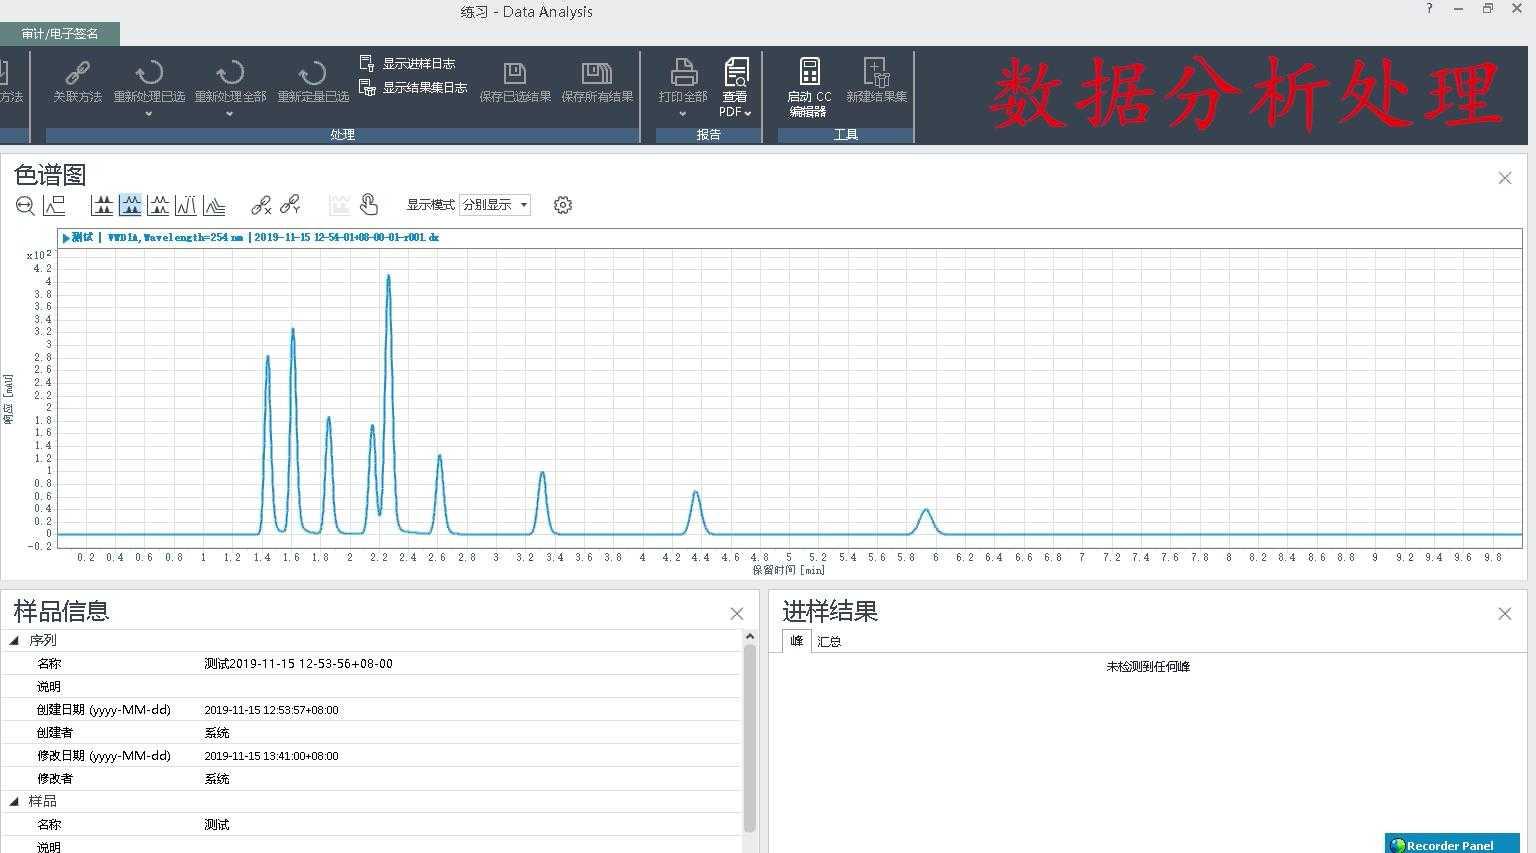 安捷伦色谱数据处理系统OpenLAB CDS软件功能演示